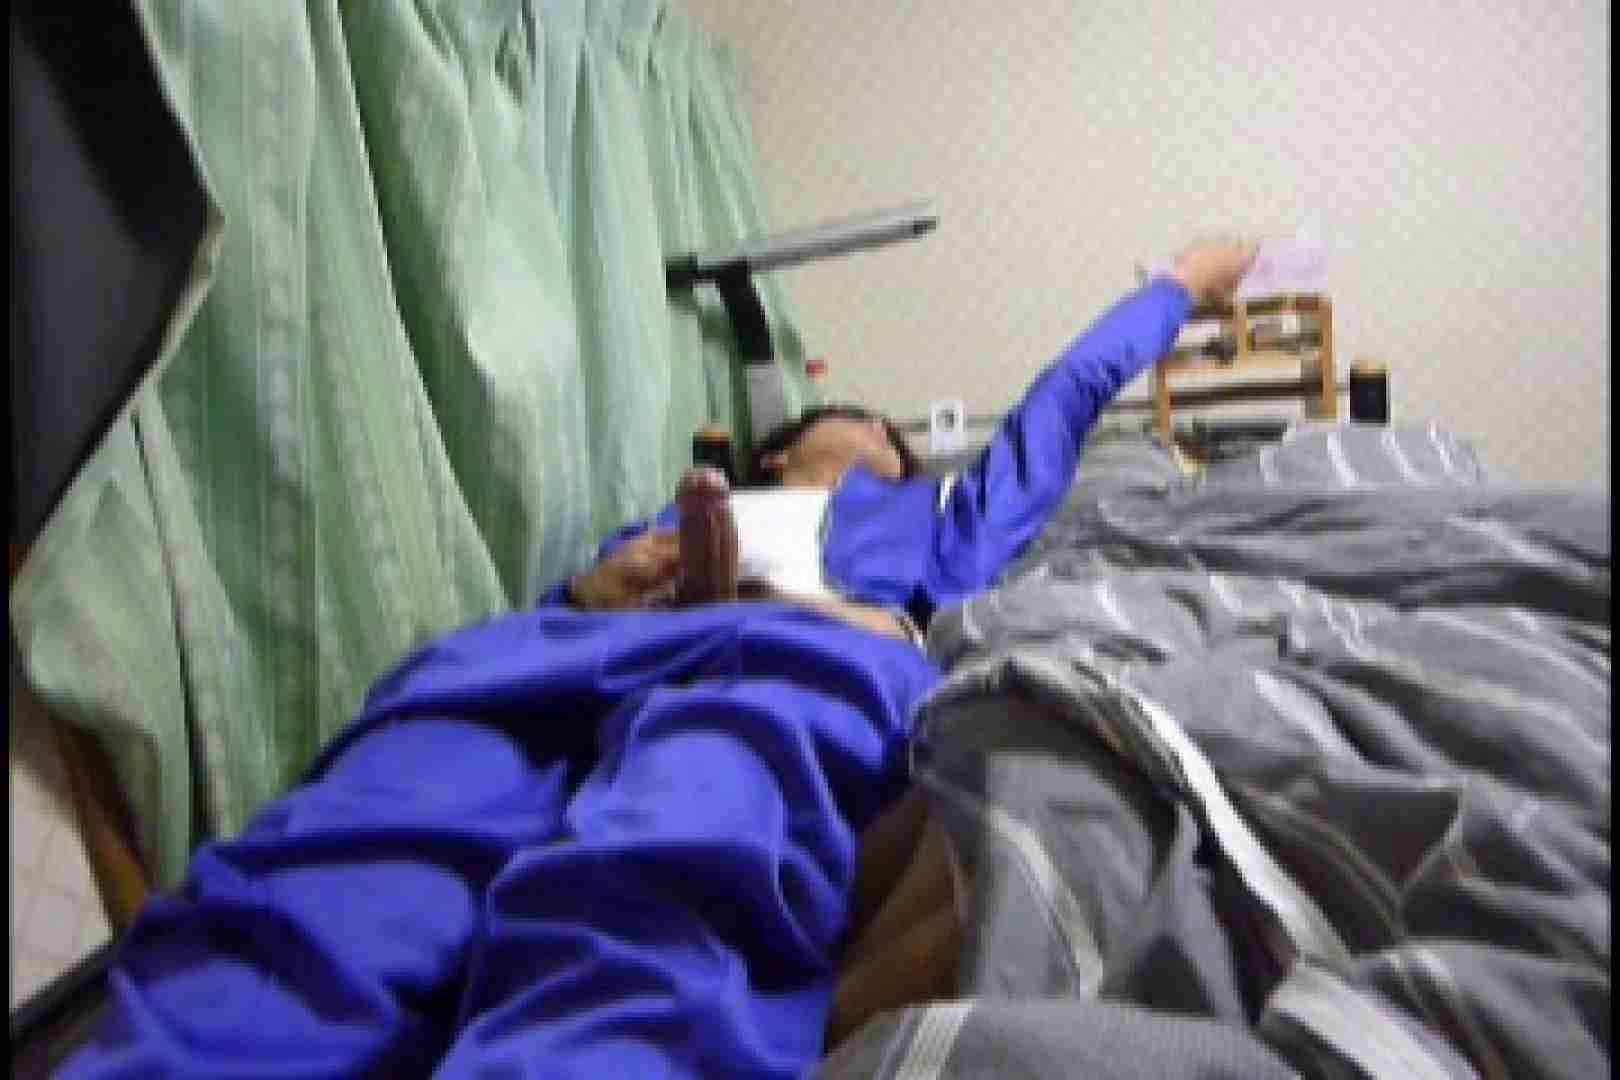 オナ好きノンケテニス部員の自画撮り投稿vol.06 ゲイのオナニー映像 尻マンコ画像 75枚 17